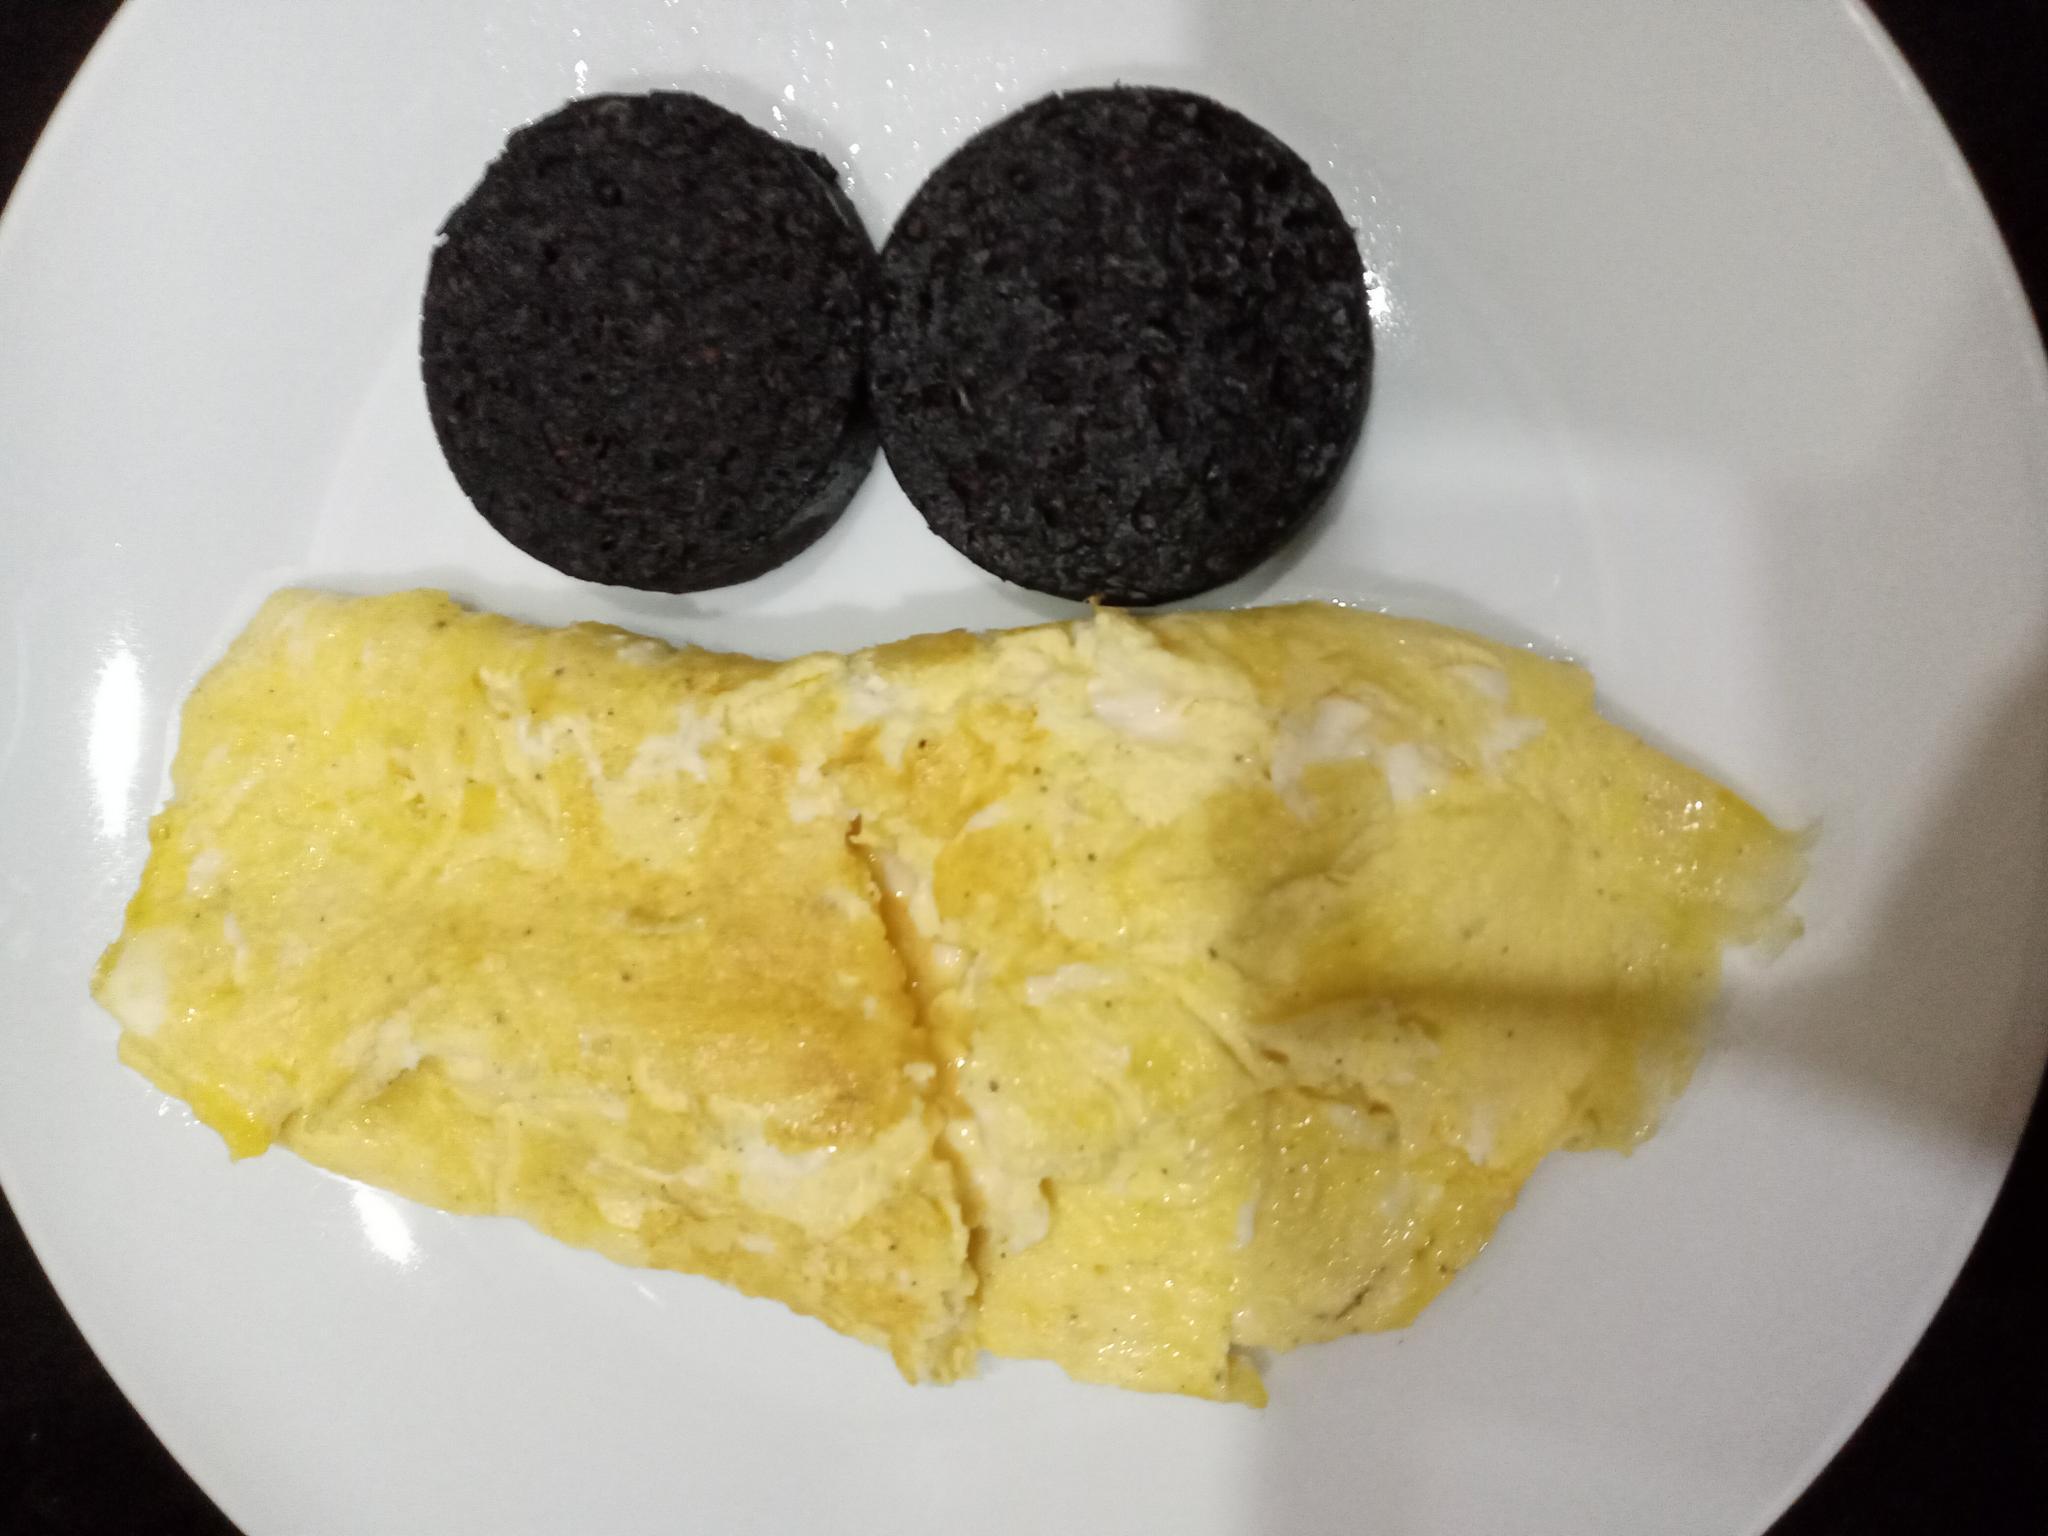 Breakfast-20200315_075333-jpg